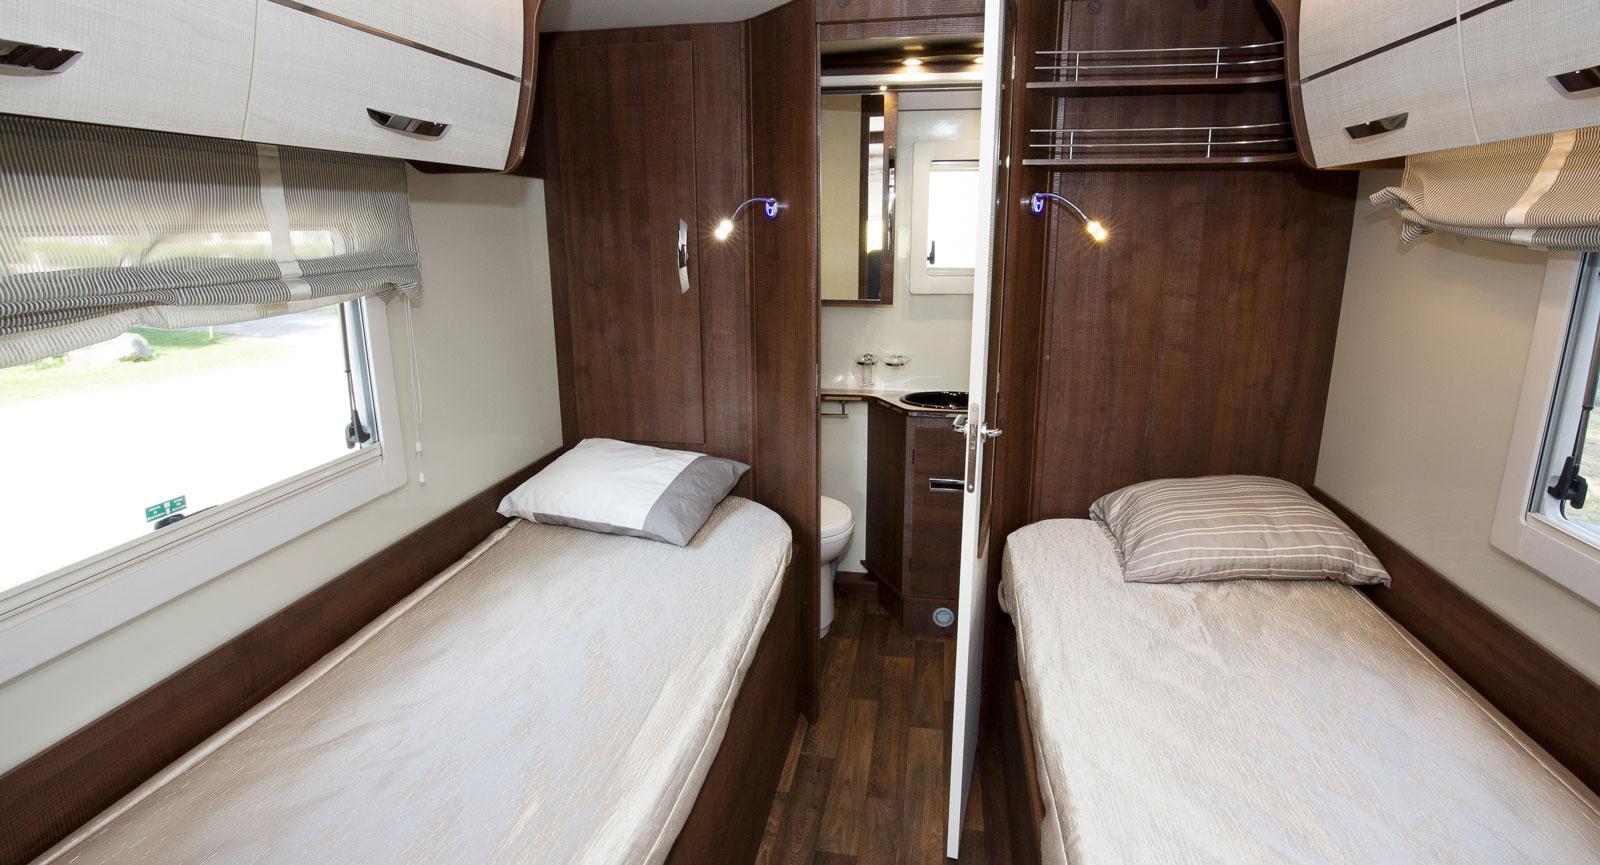 Det här en syn som lockar många. Sängar som är enkla att bädda och ett rejält badrum.